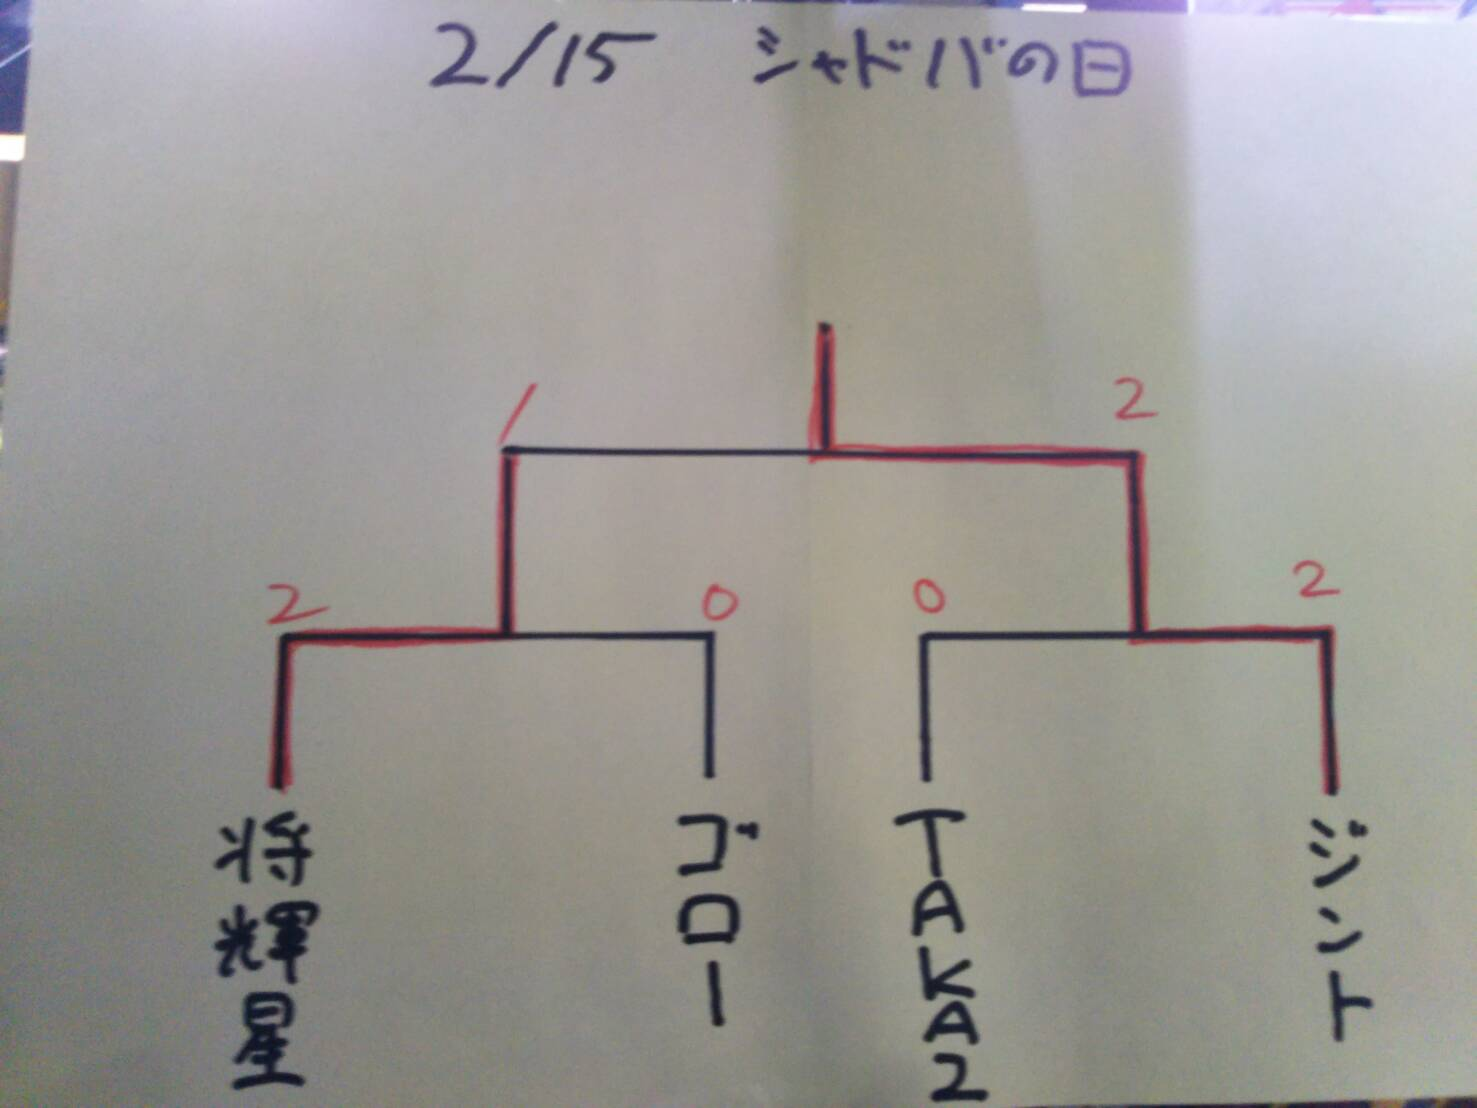 【シャドバ】2/15 シャドバの日結果